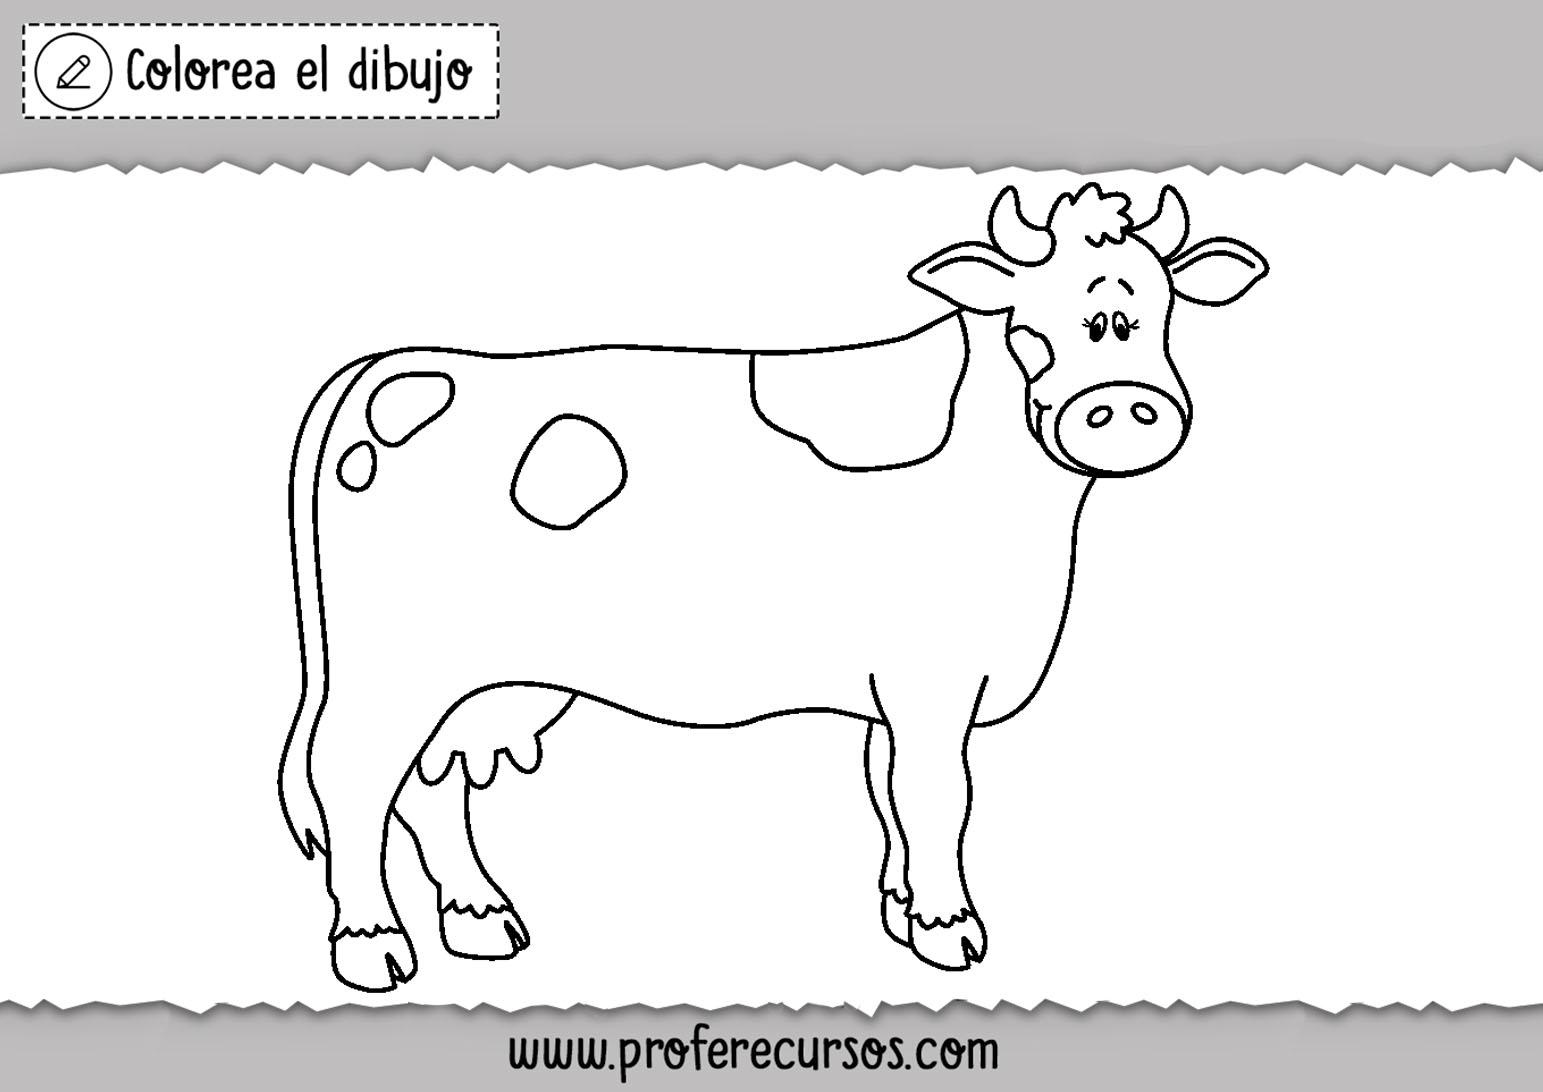 Colorear dibujo de vaca